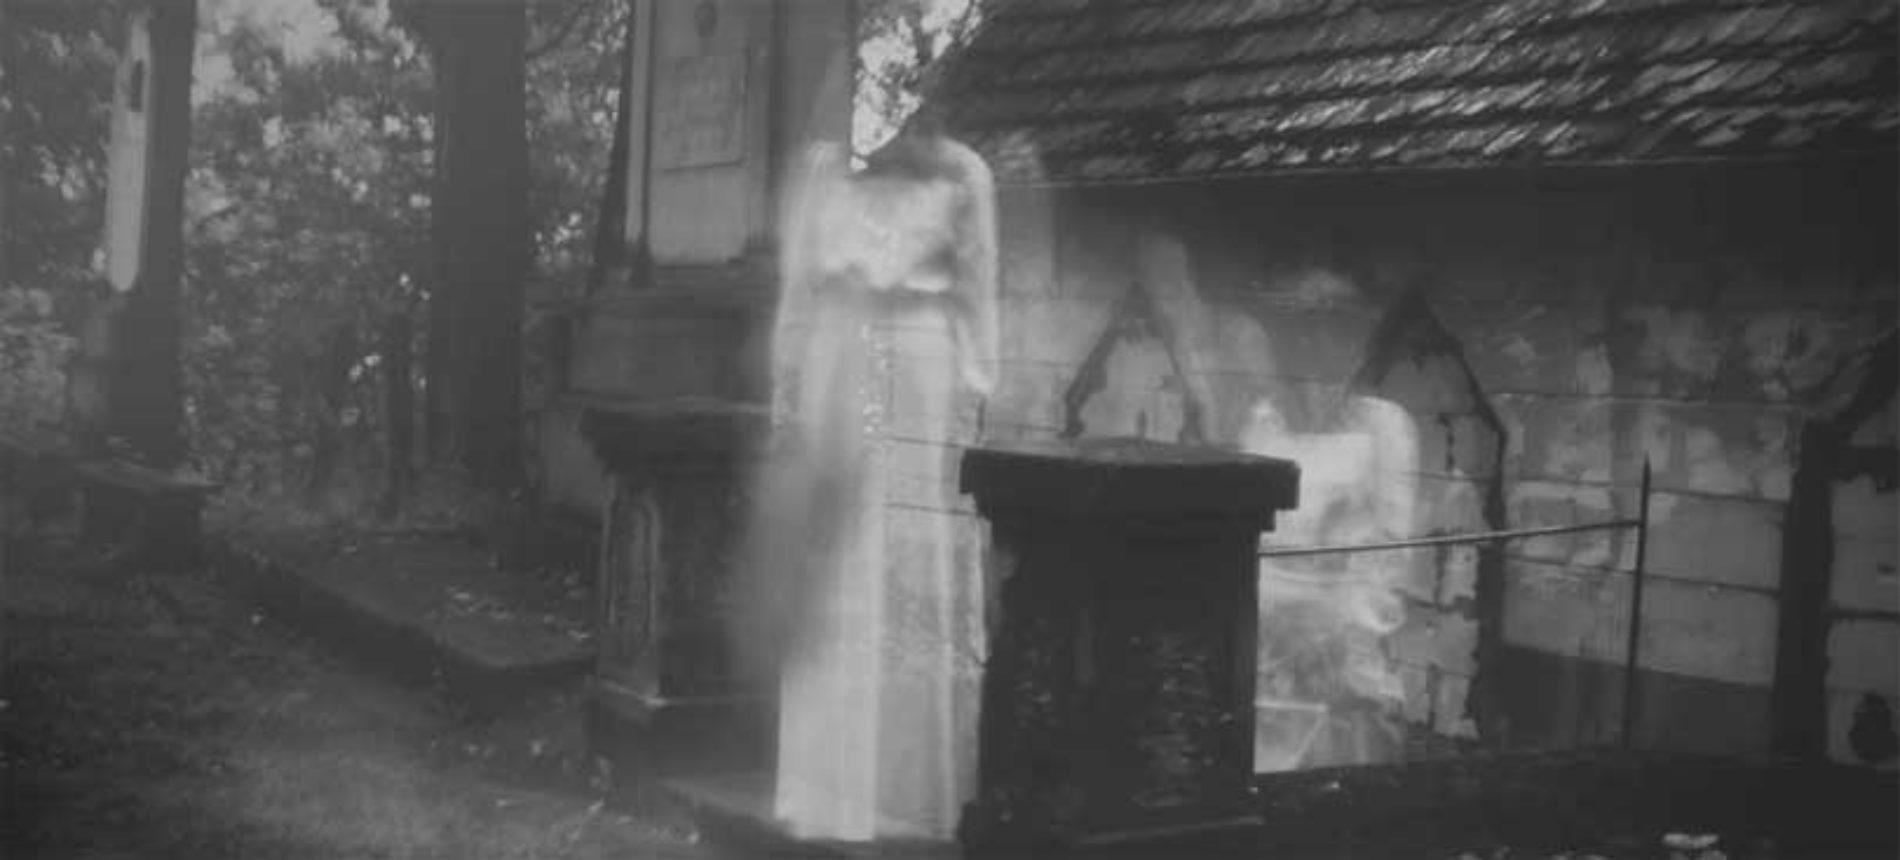 Overnaturlige og paranormale hendelser